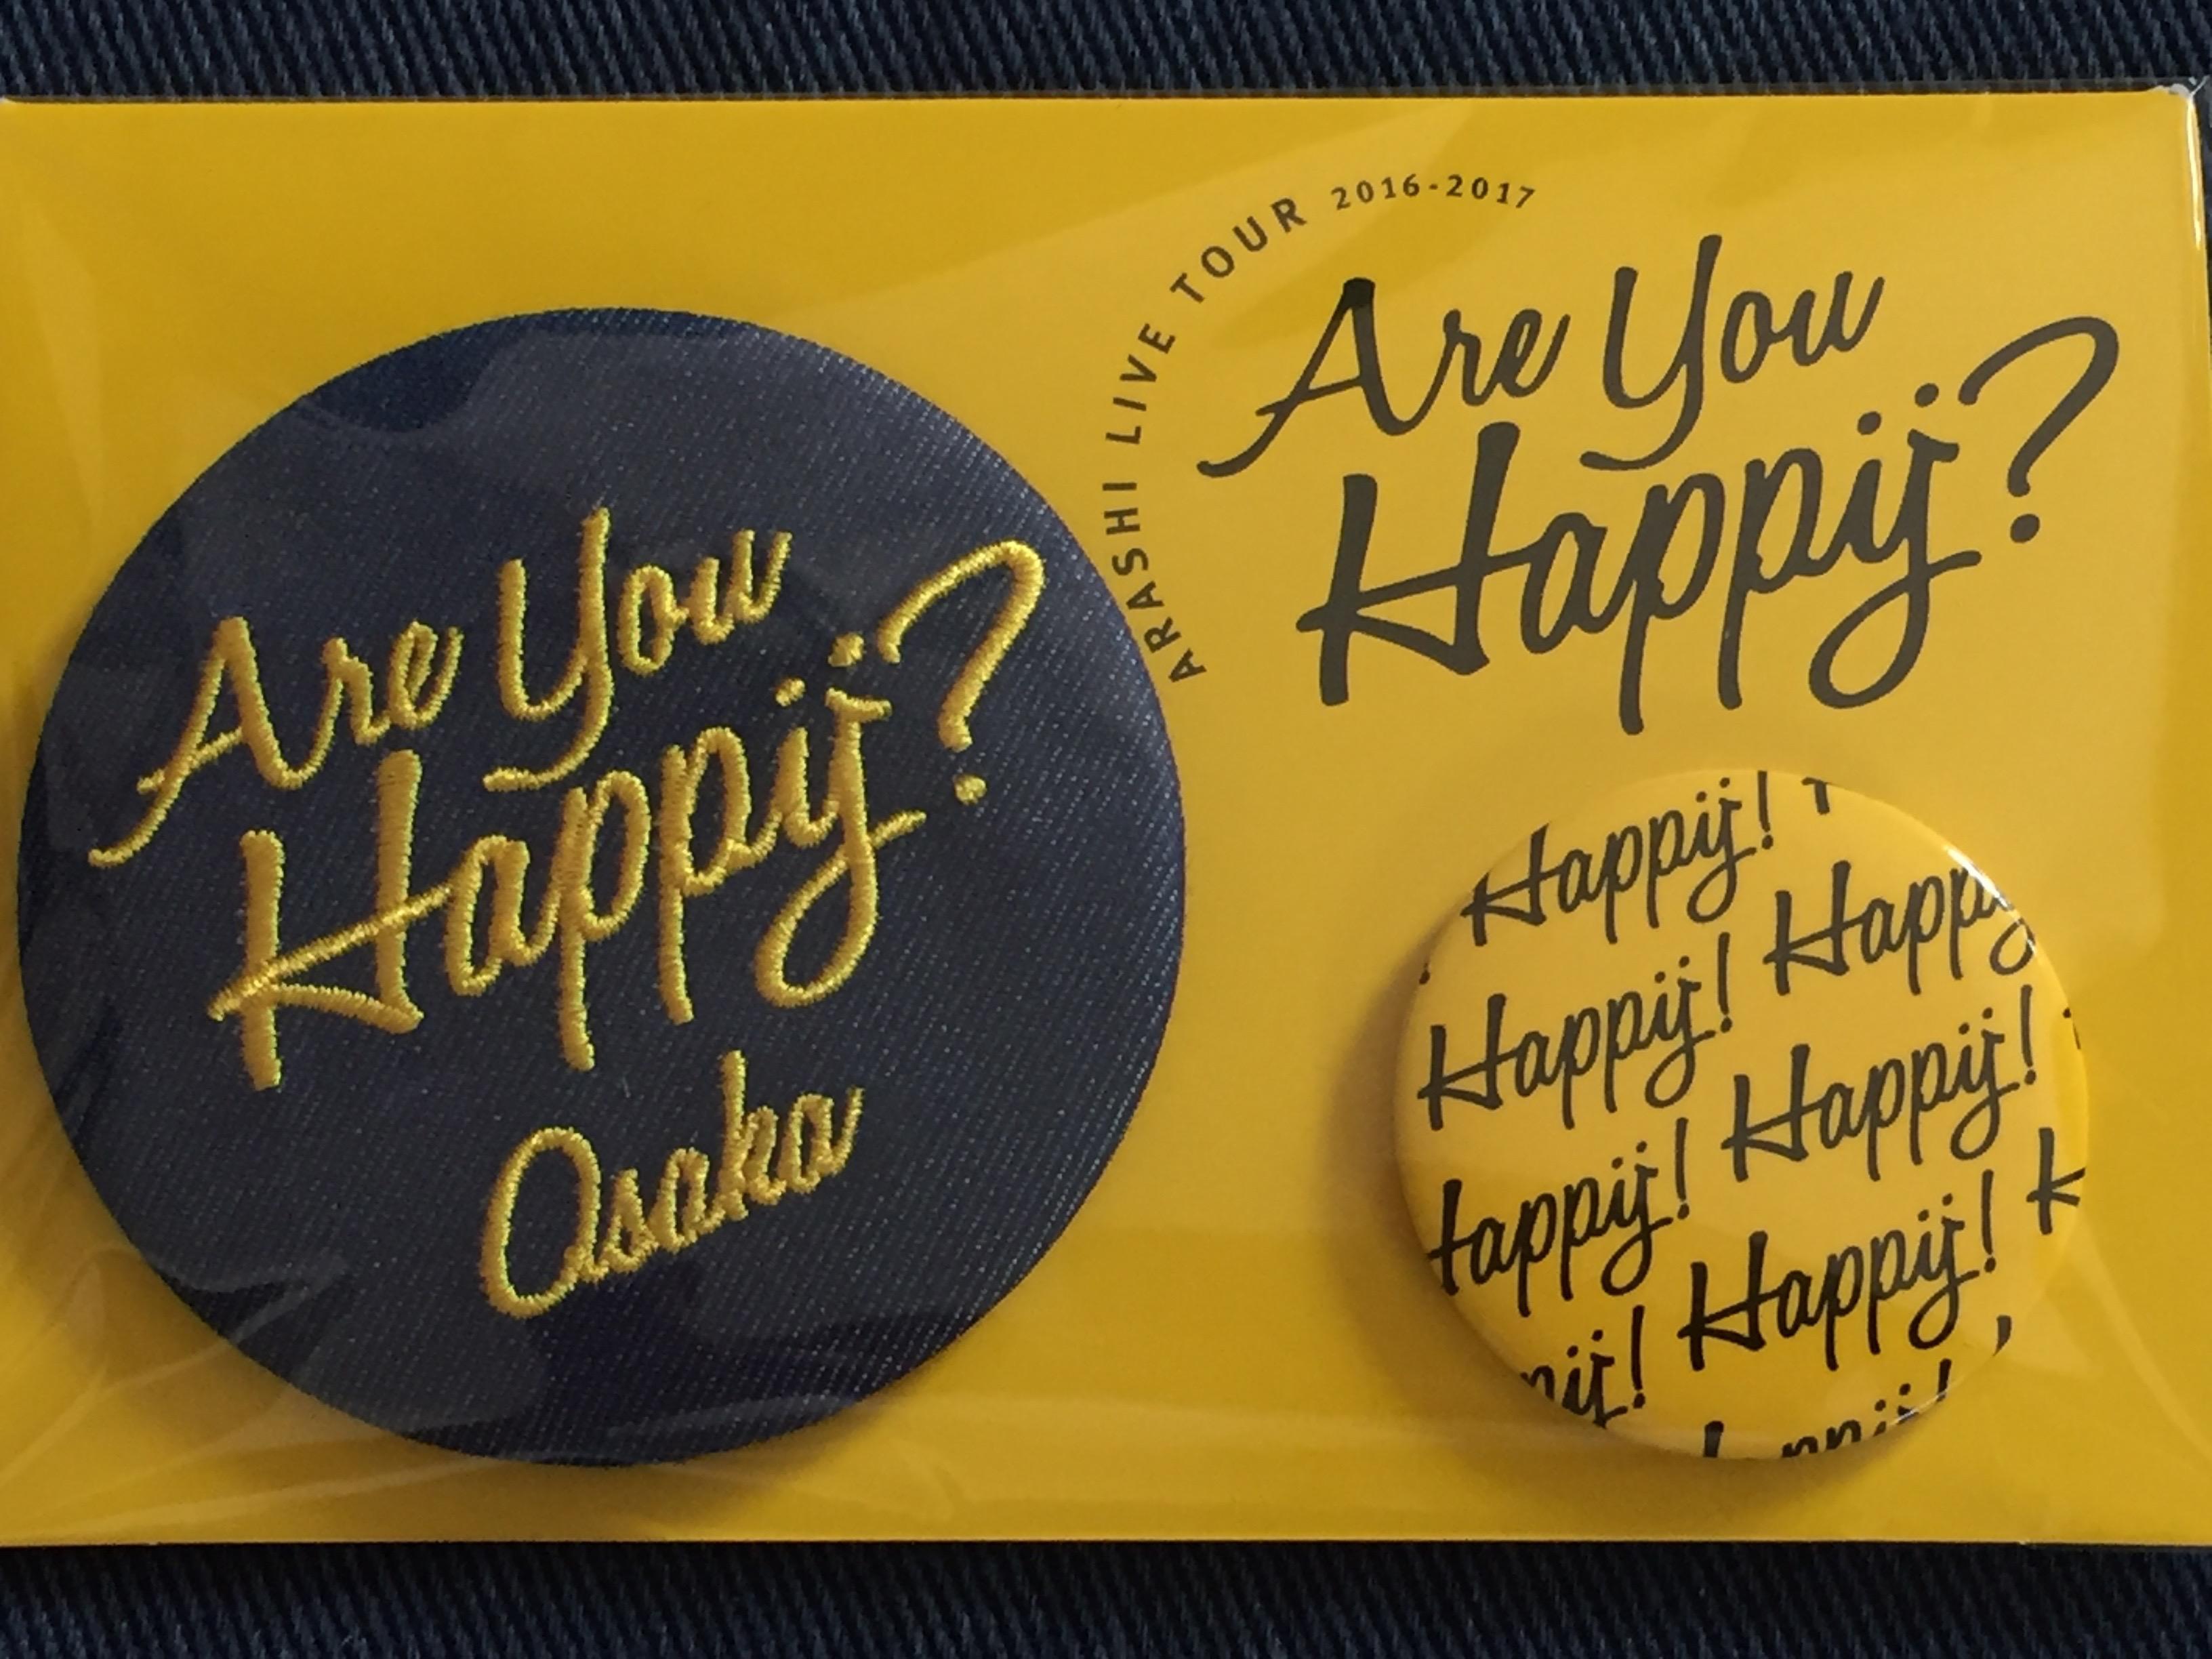 嵐 Are You Happy? 京セラドーム大阪 グッズのプレ販売へ行ってきました